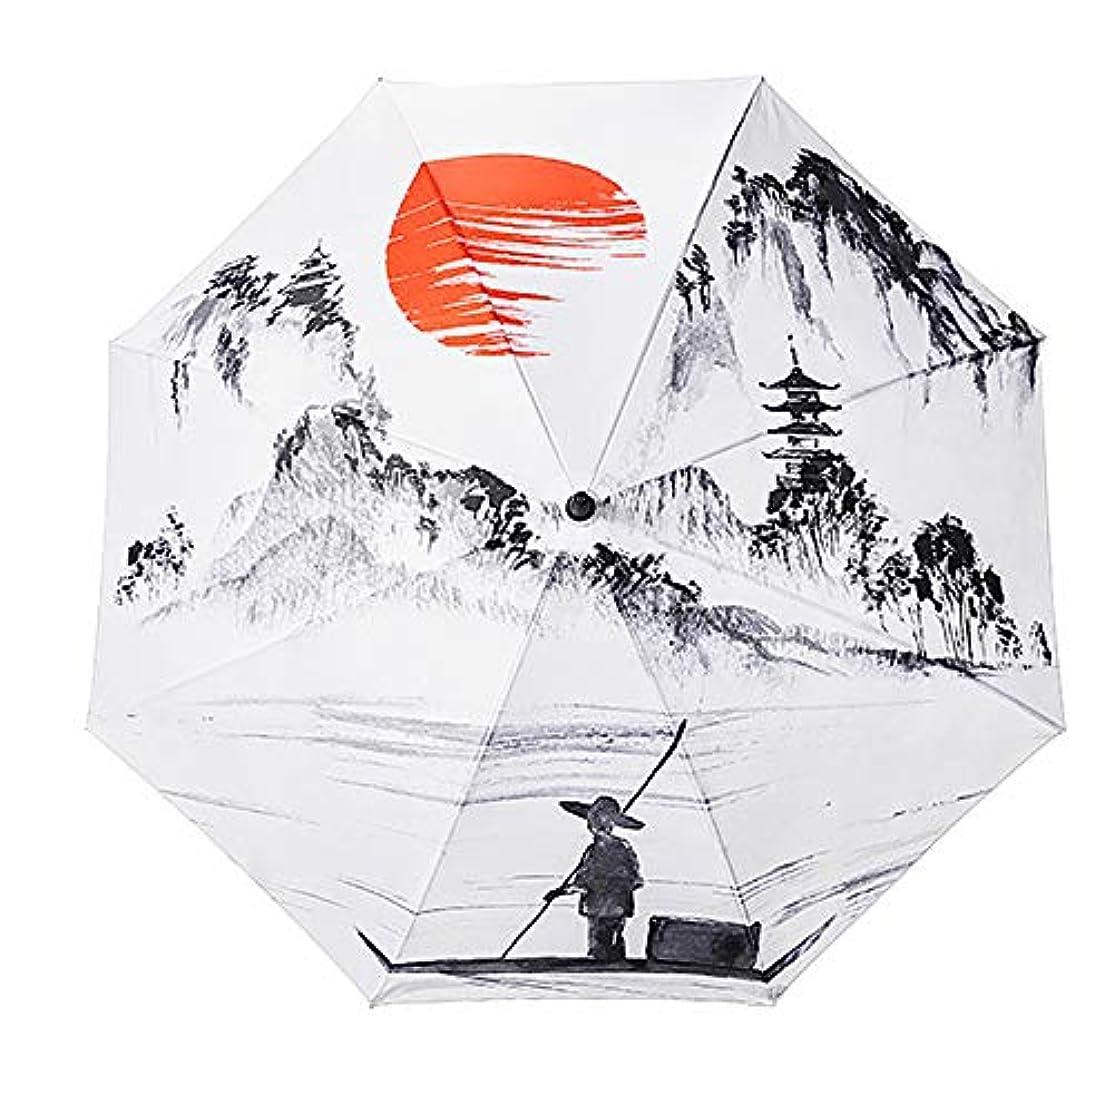 差別化するパキスタン体スーパーロングハンドルゴルフ傘ハイエンドメンズビジネスストレート傘8骨クリエイティブ27インチアートの傘のカスタム